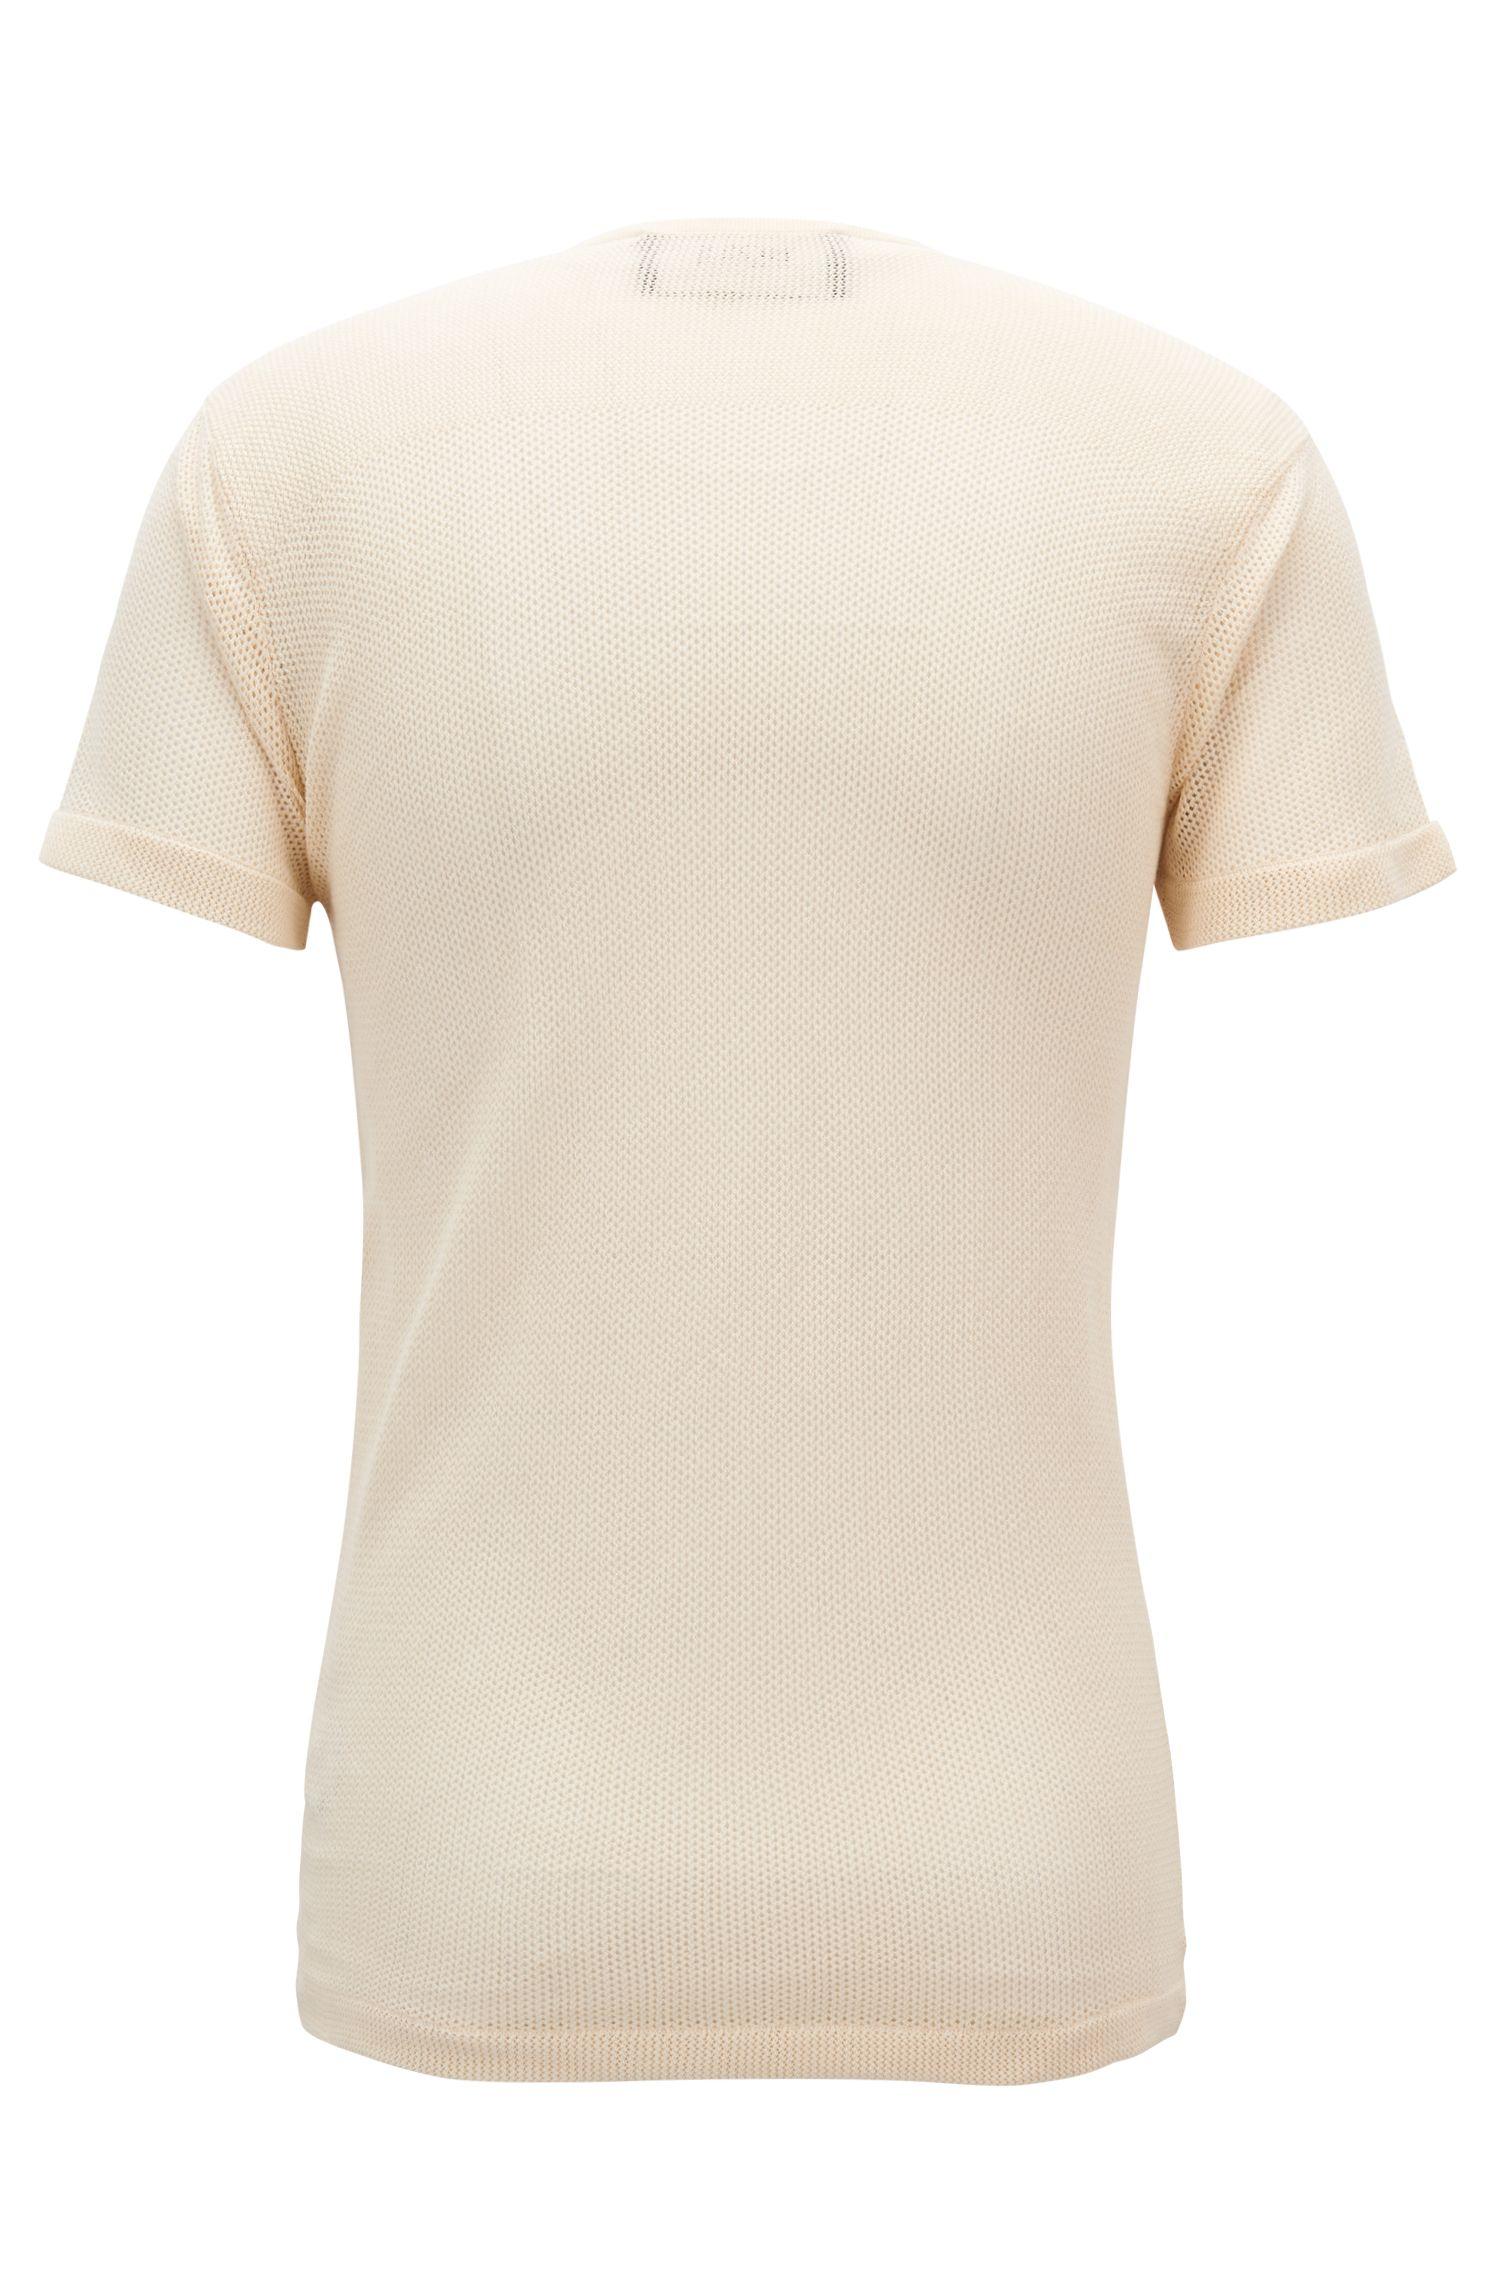 Pull en maille à manches courtes en coton, au style tunisien